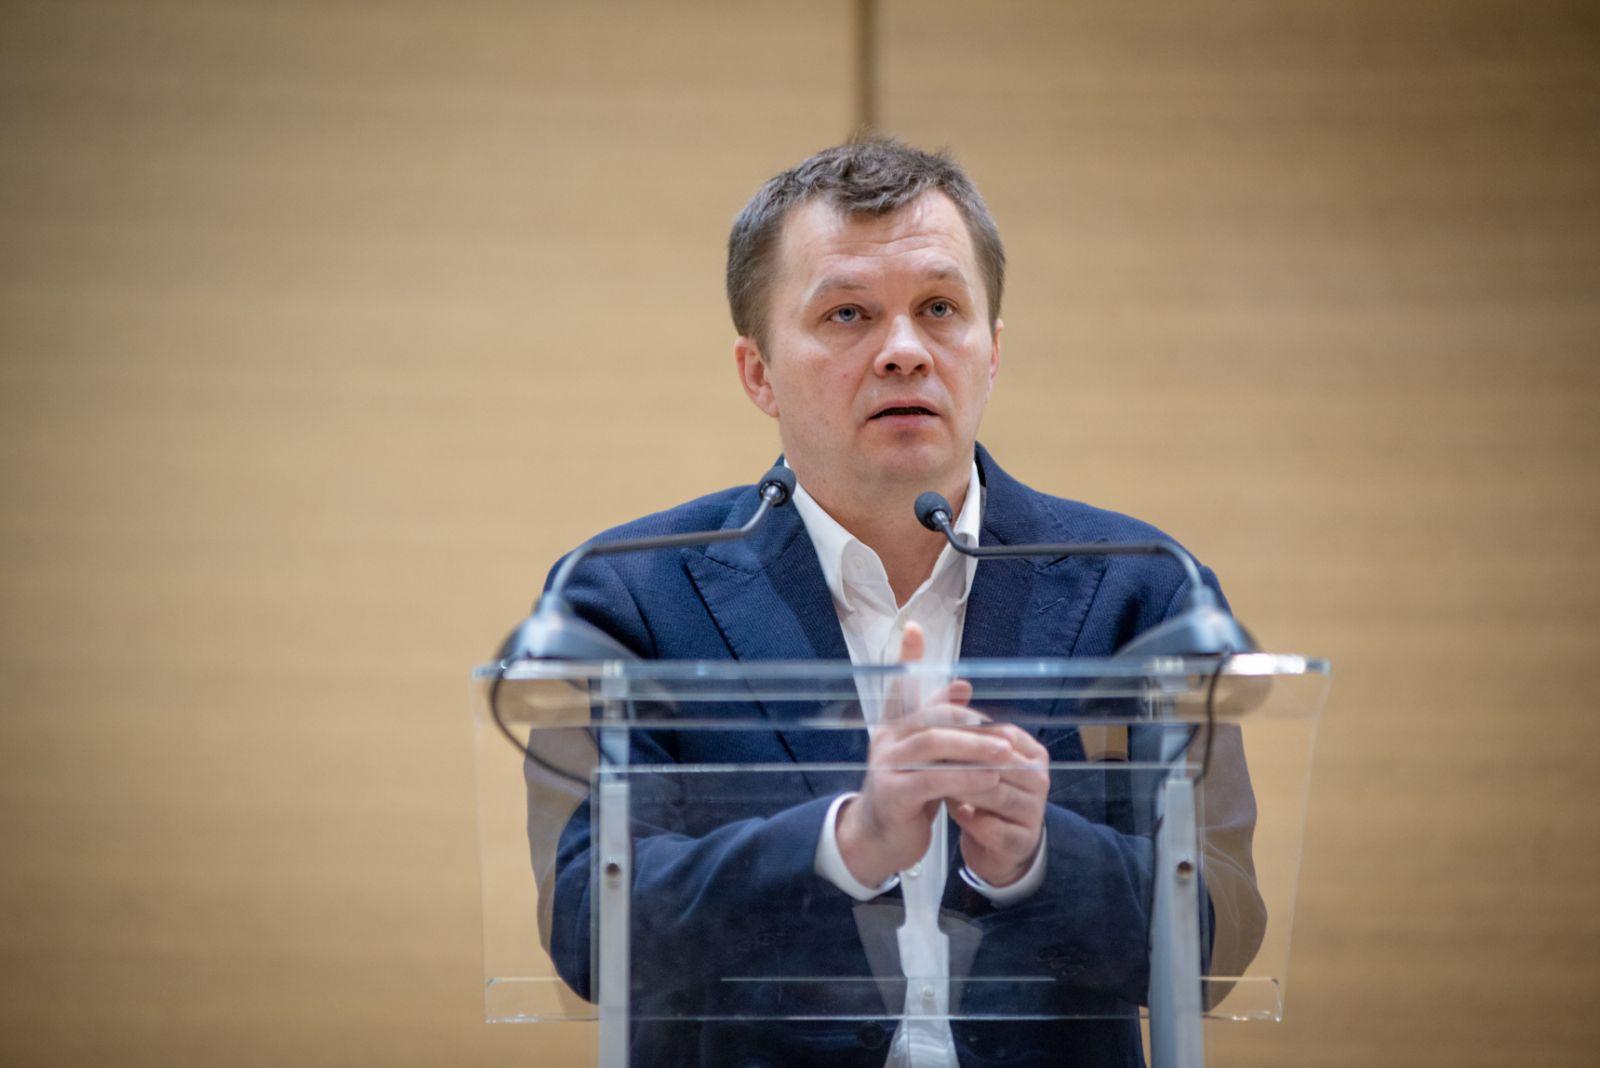 Милованов обрадовал: Зарплата украинцев в 2020 году может вырасти на 10%